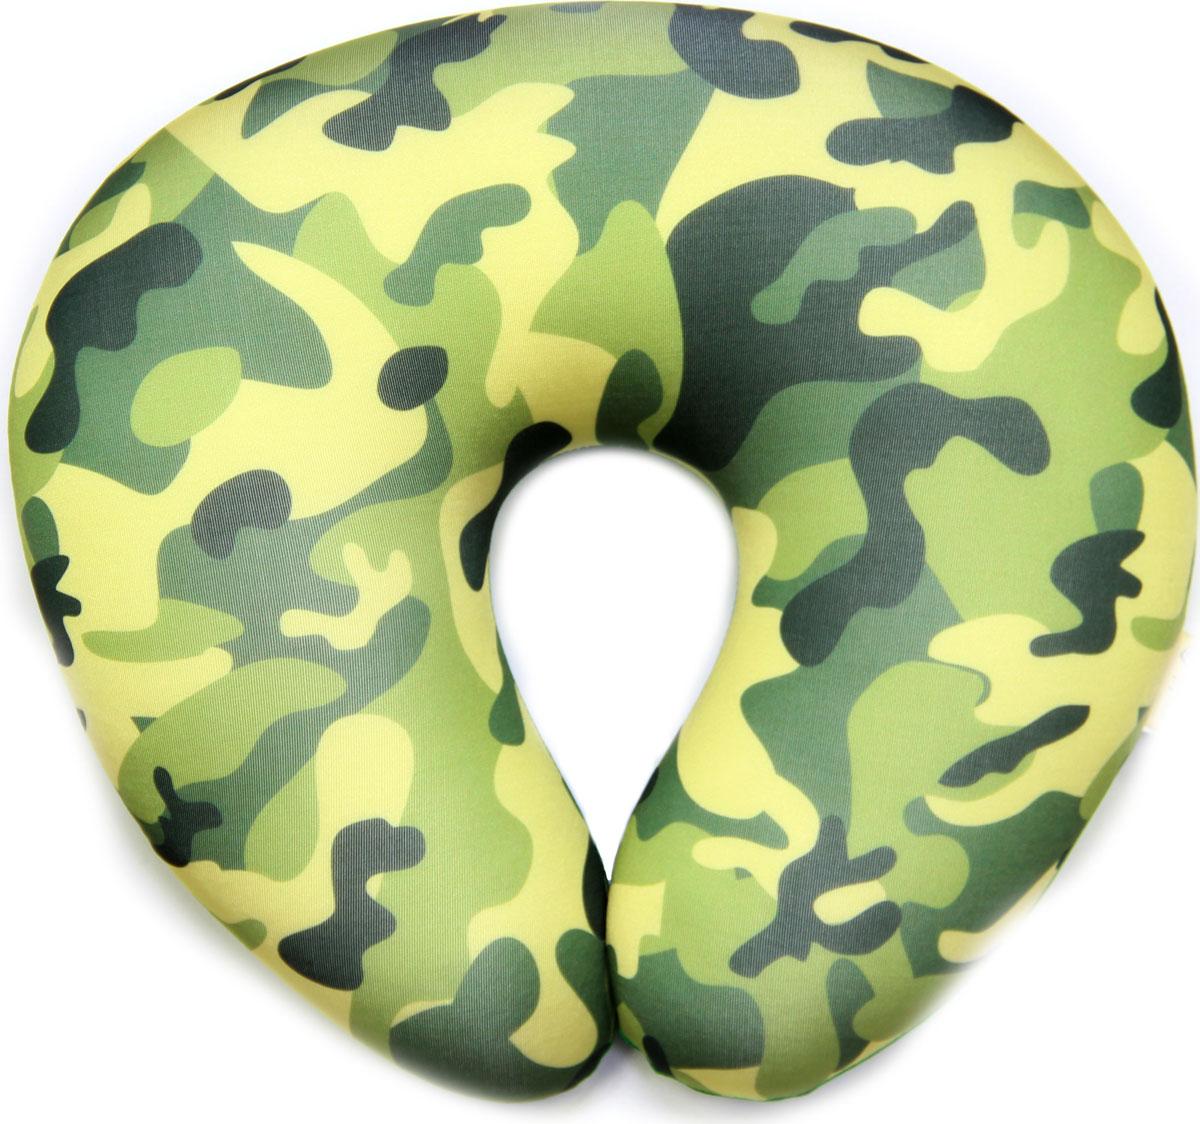 Подушка-антистресс для шеи Армейский, 30 х 27 см. 16асп32ив-1 подушка антистресс для шеи армейский 30 х 27 см 16асп32ив 1